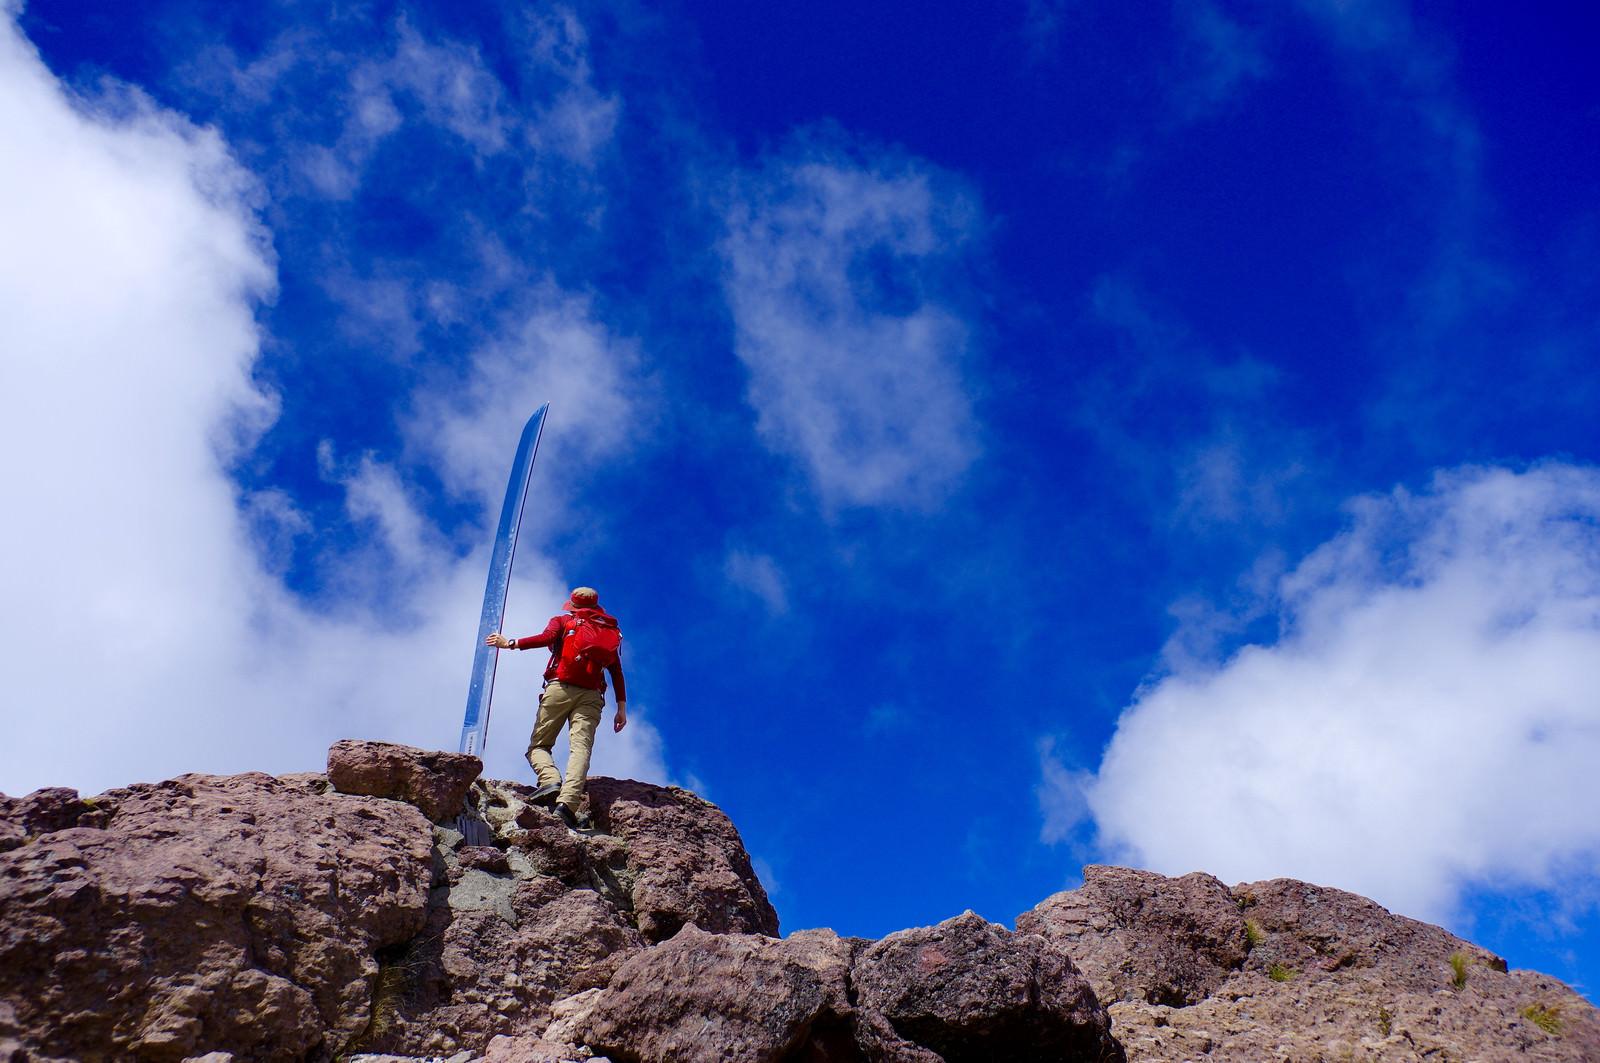 「男体山の刀と赤い登山者」の写真